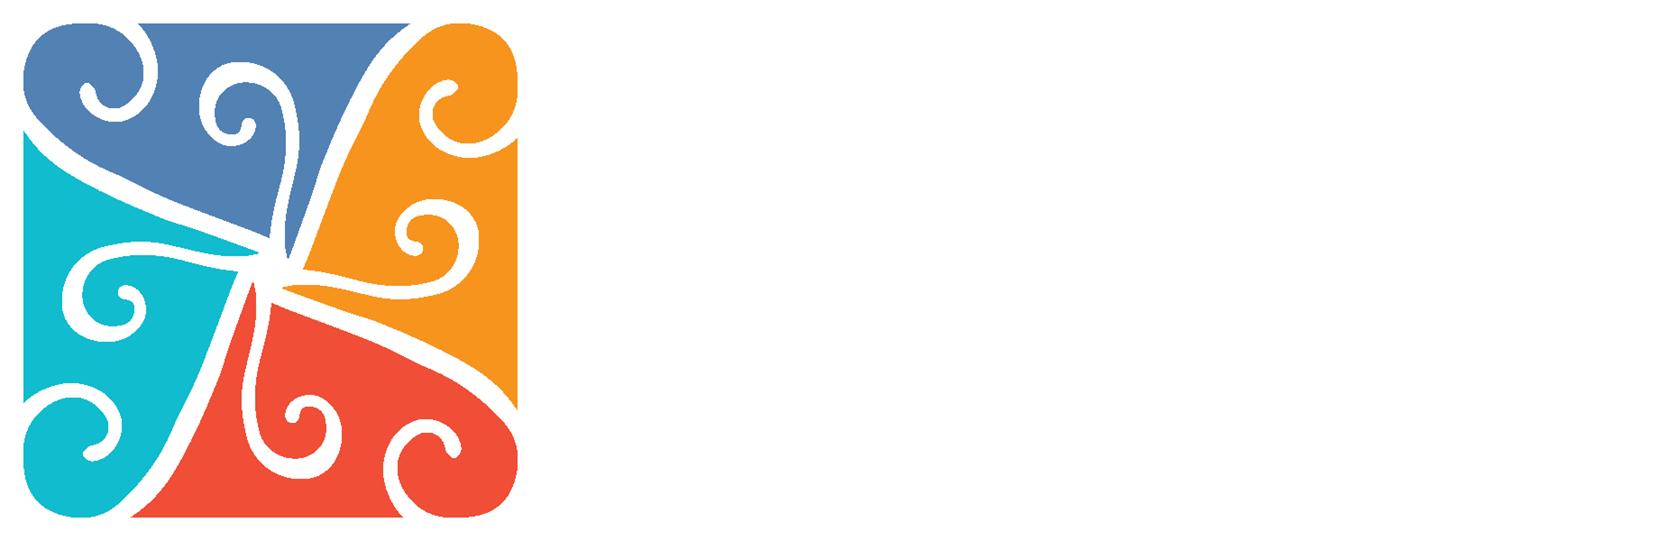 Jasper Main Street